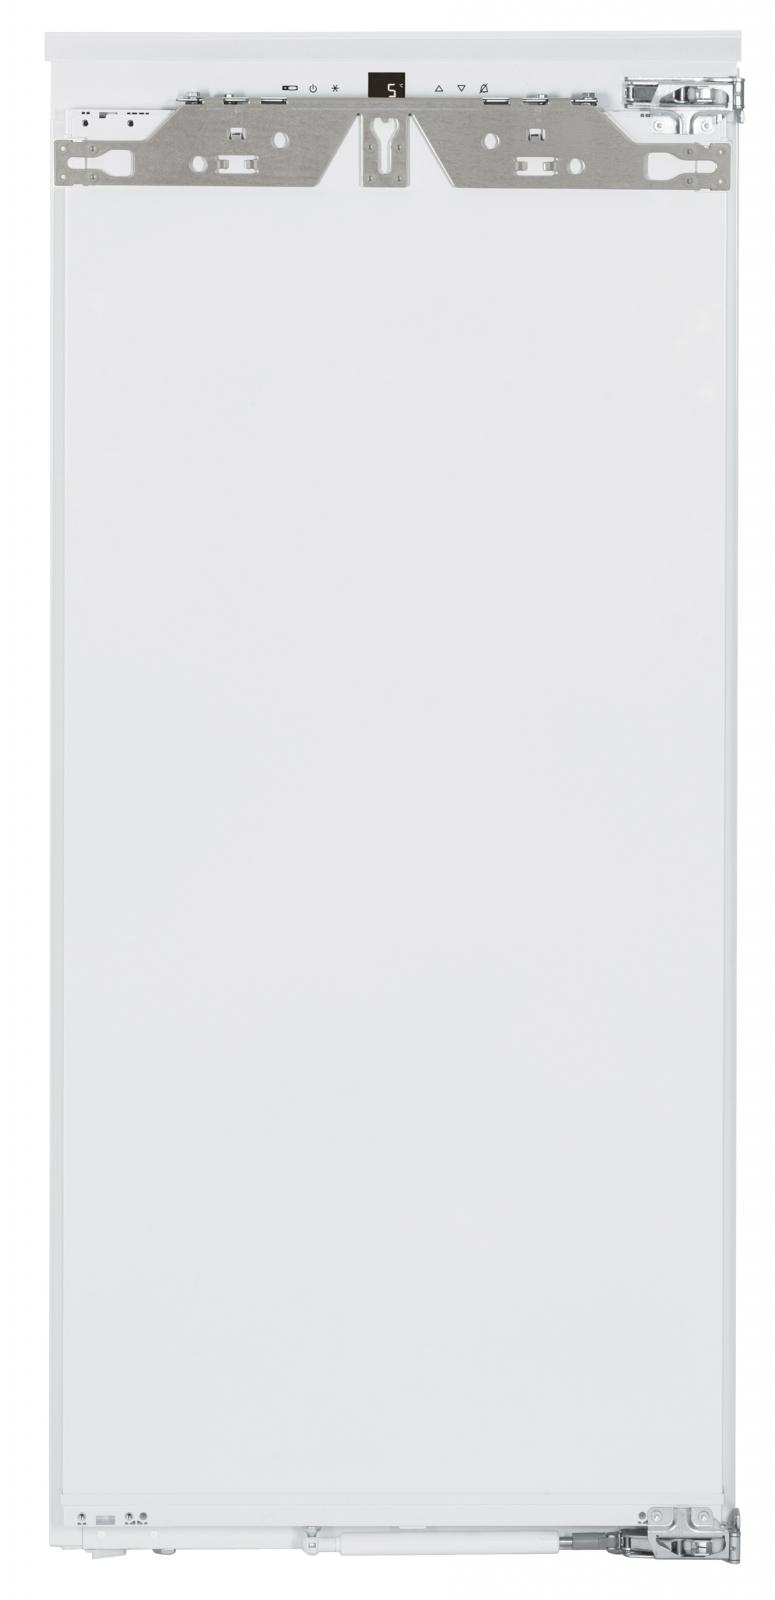 купить Встраиваемый однокамерный холодильник Liebherr IKB 2360 Украина фото 1